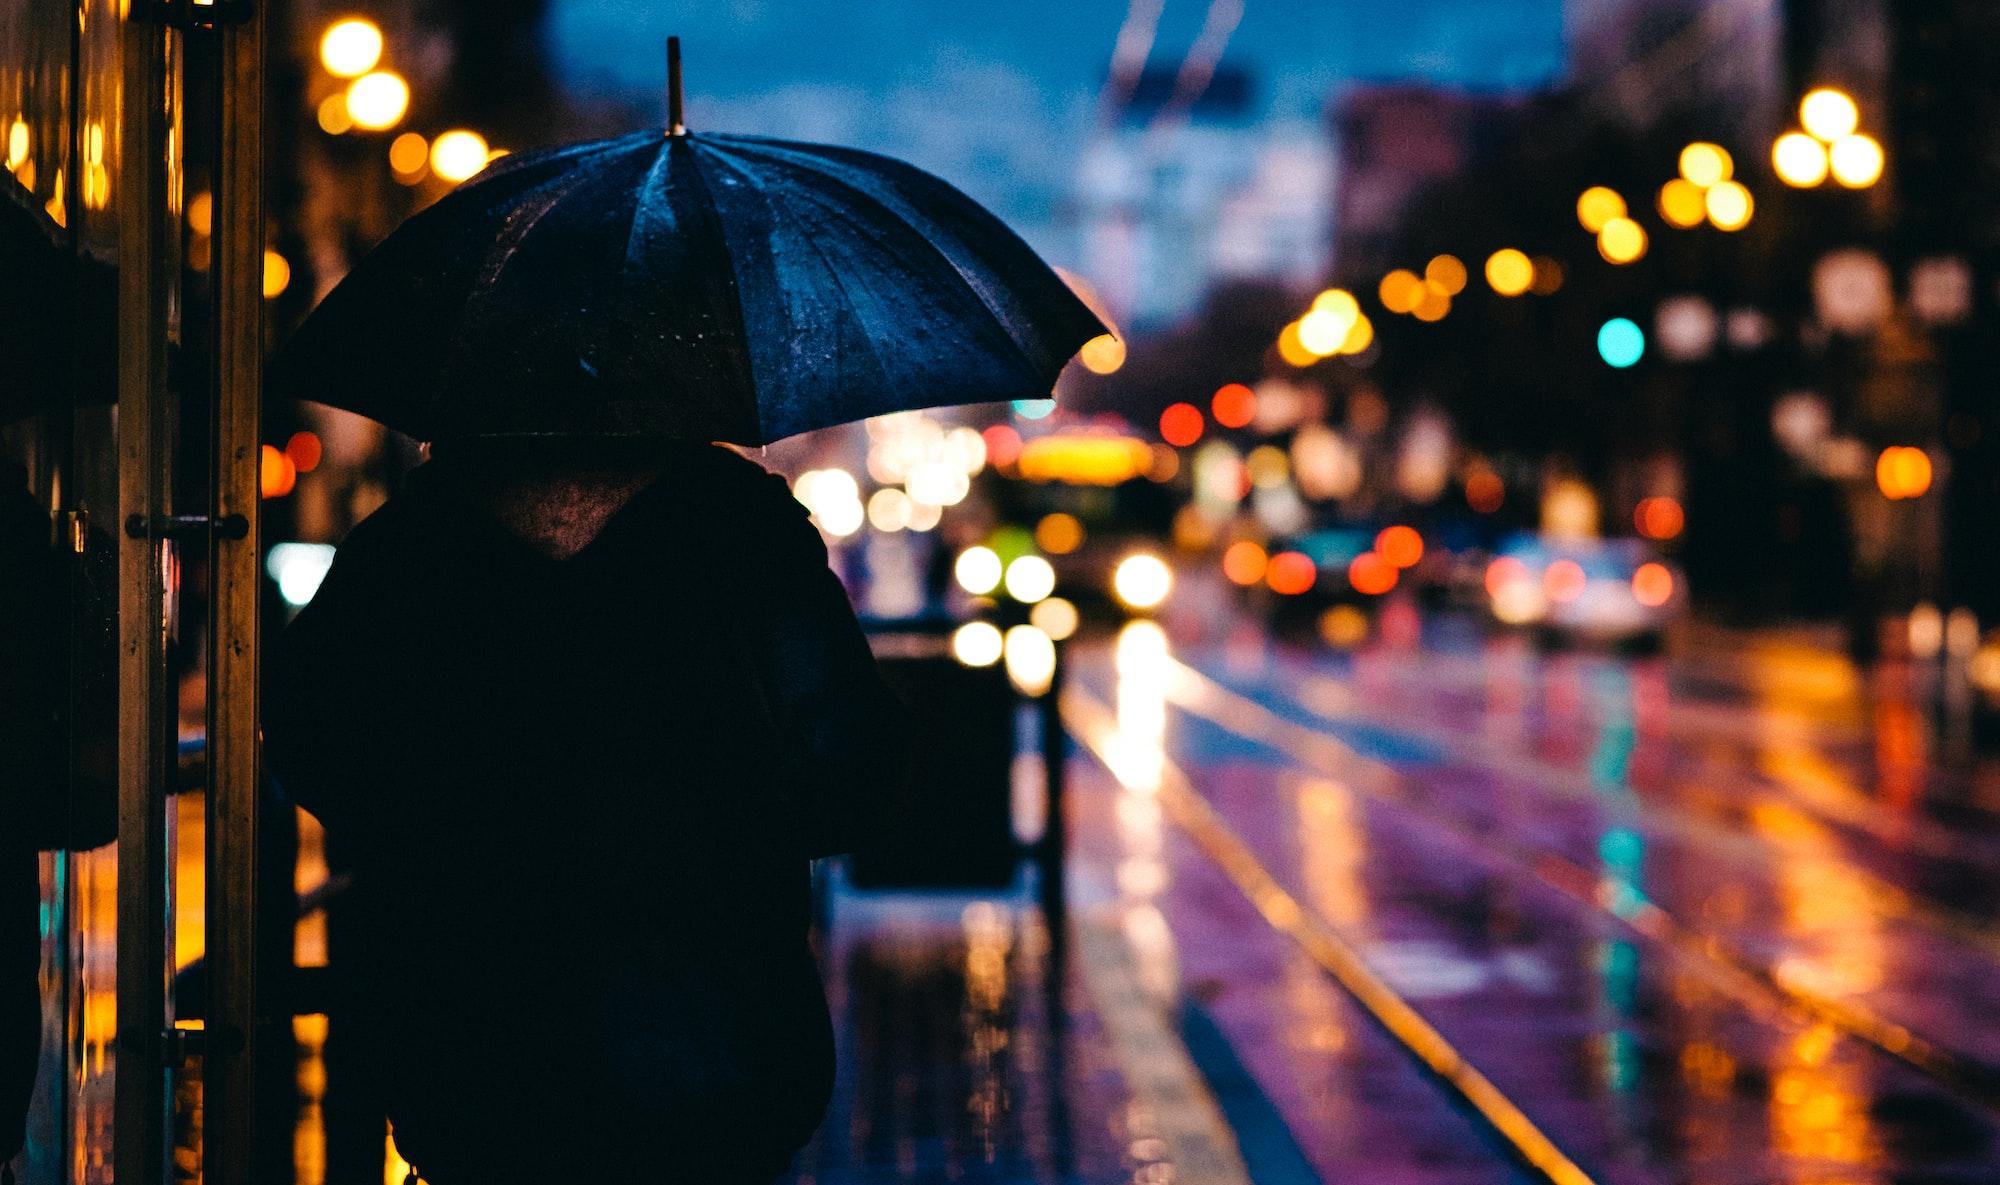 Umbrella California St rain